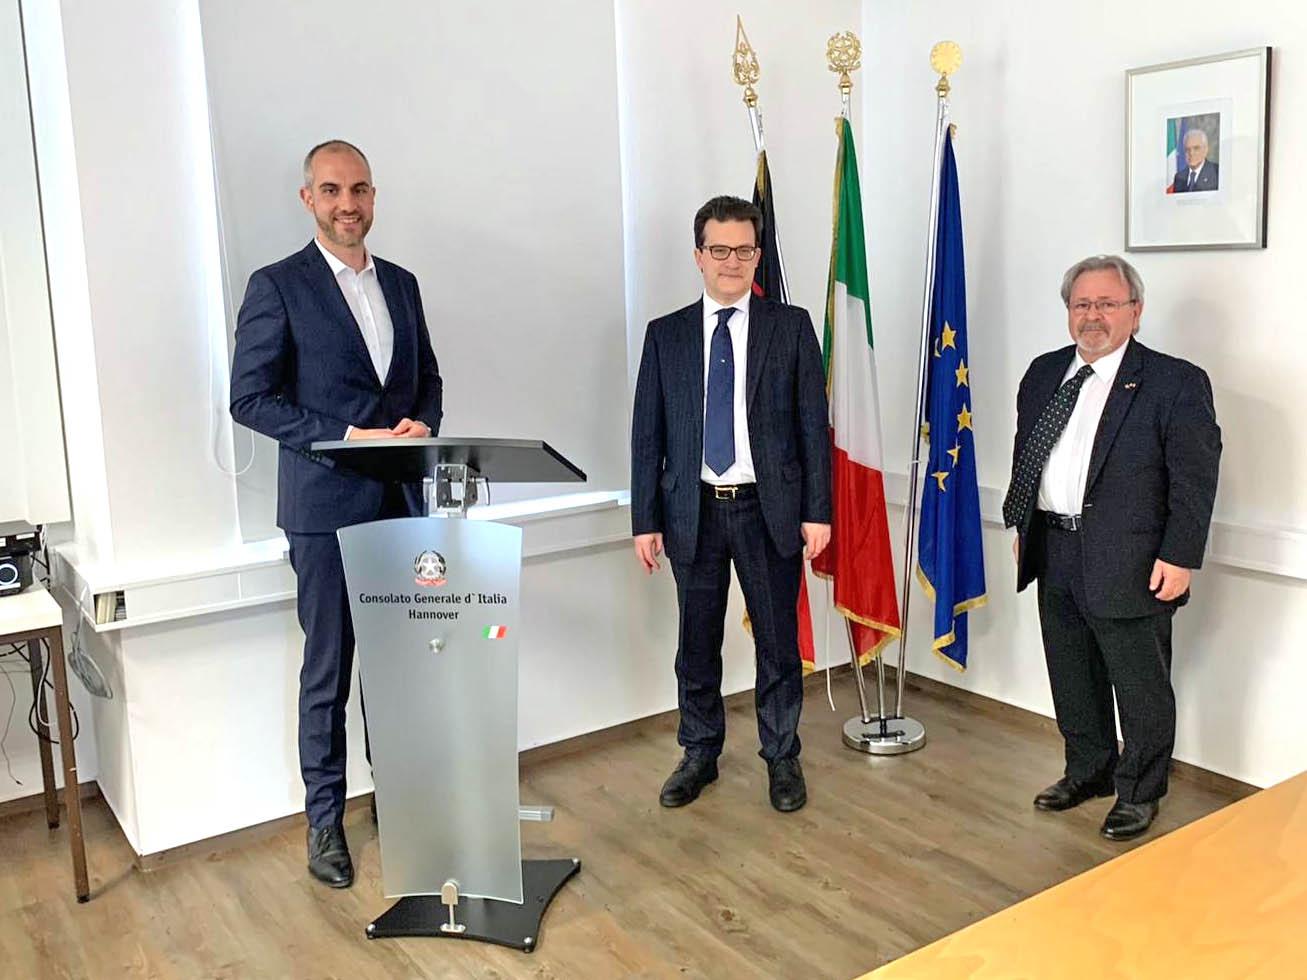 Drei Männer in einem Raum.